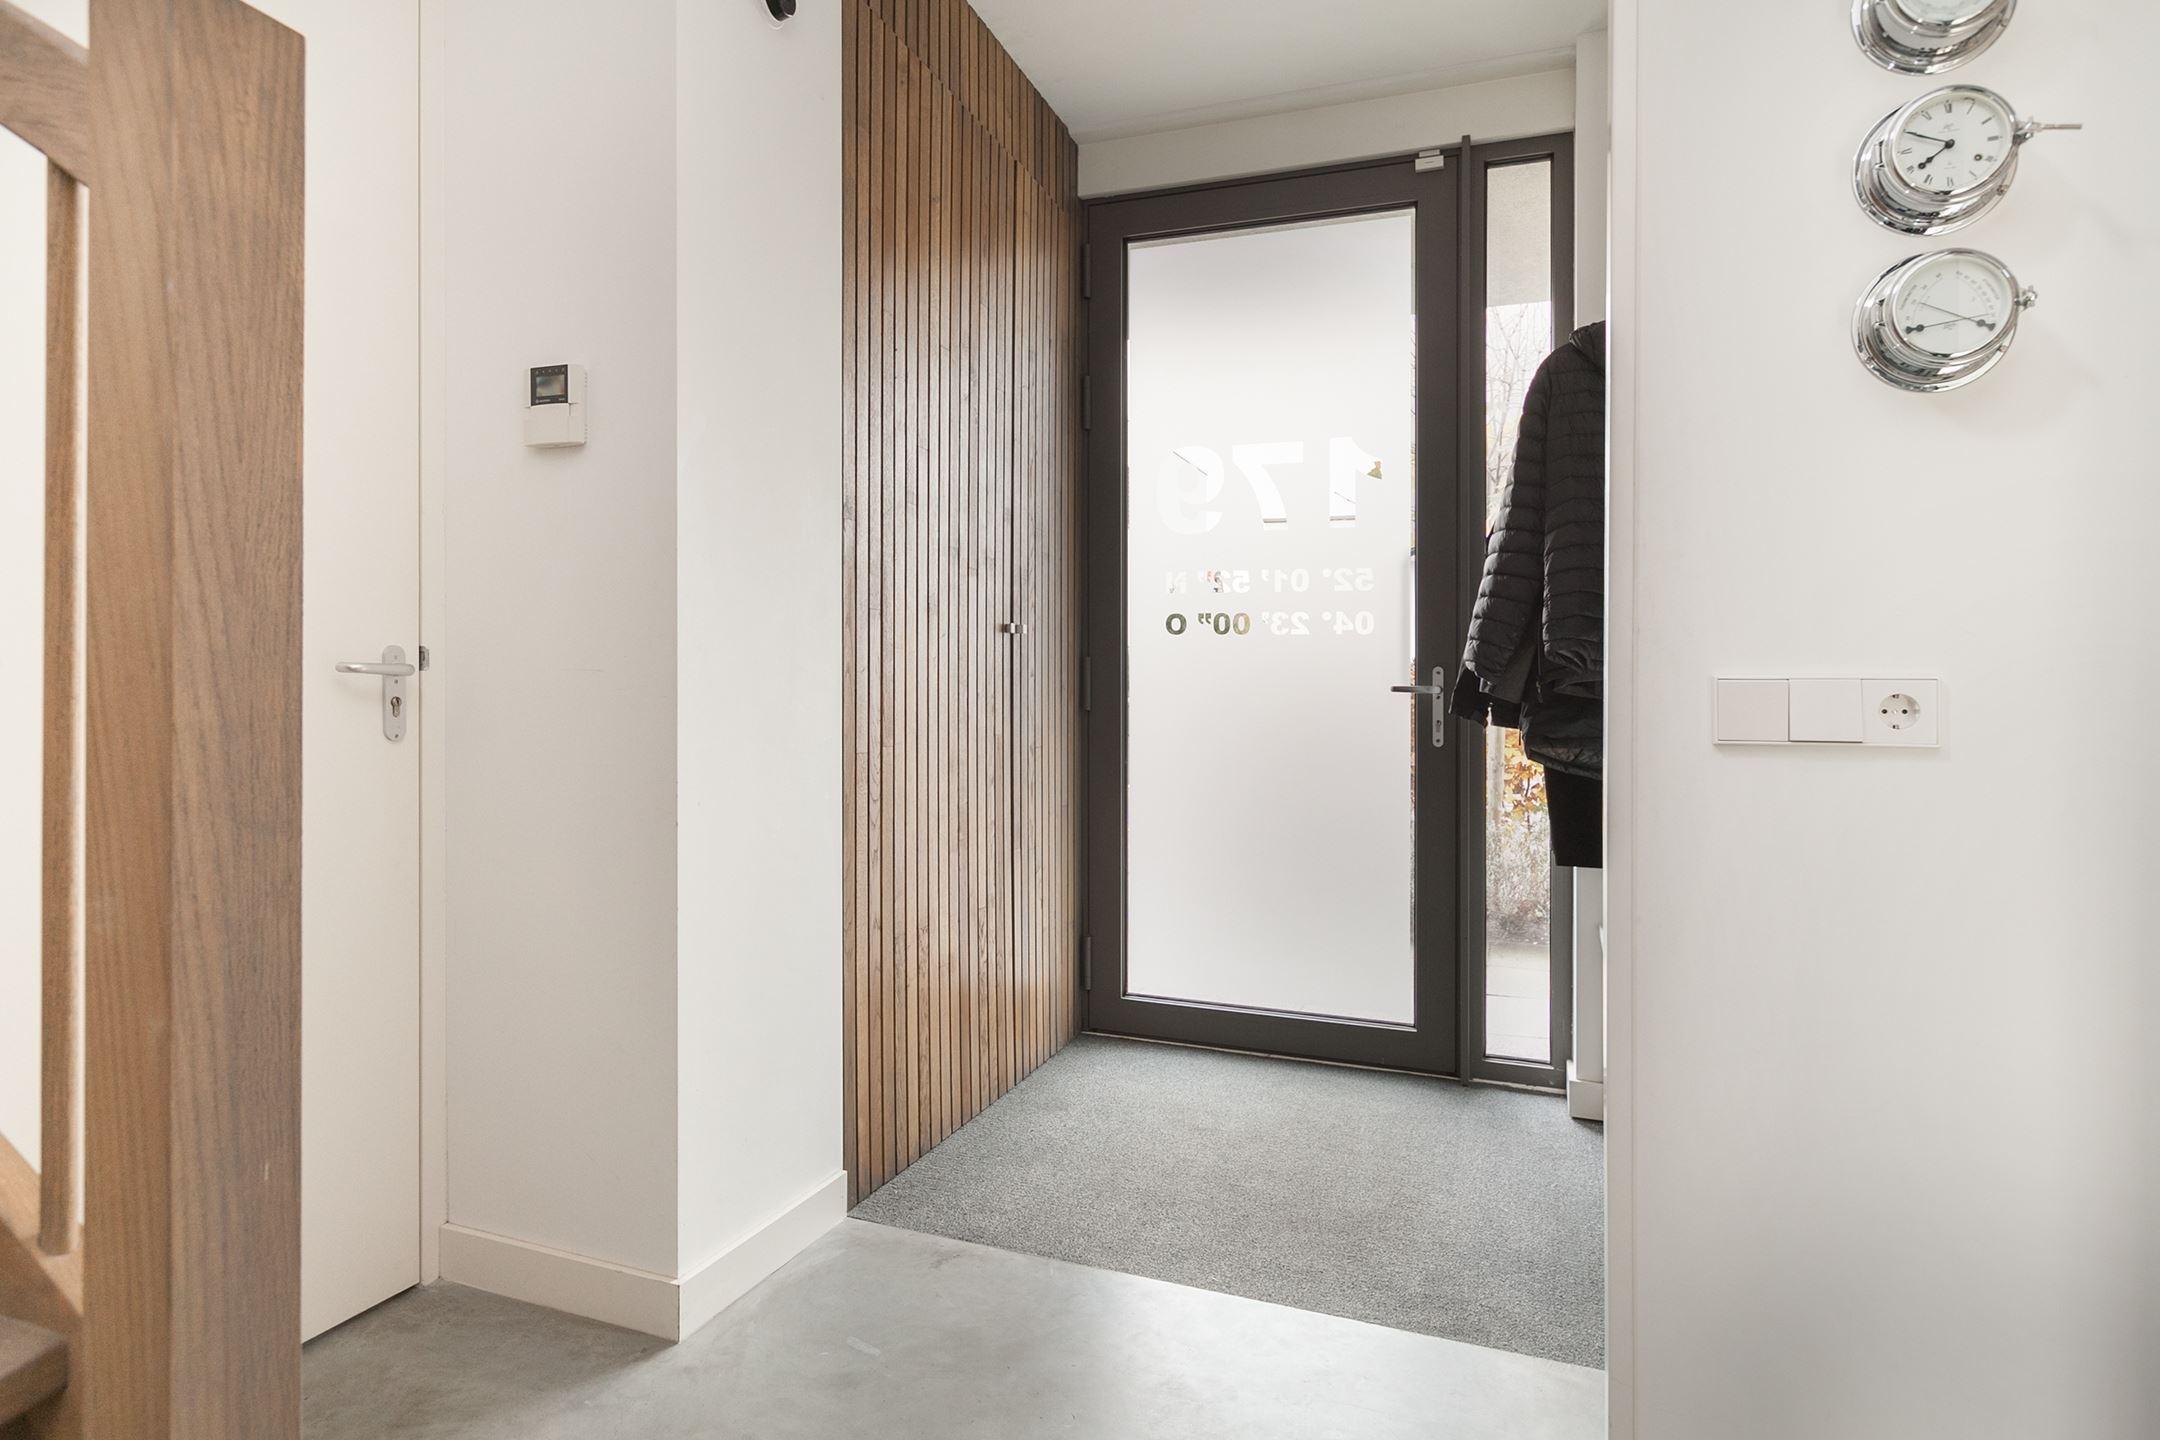 Gele Keuken 8 : Minimalistische moderne keuken met gezond ontbijt woonkamer en